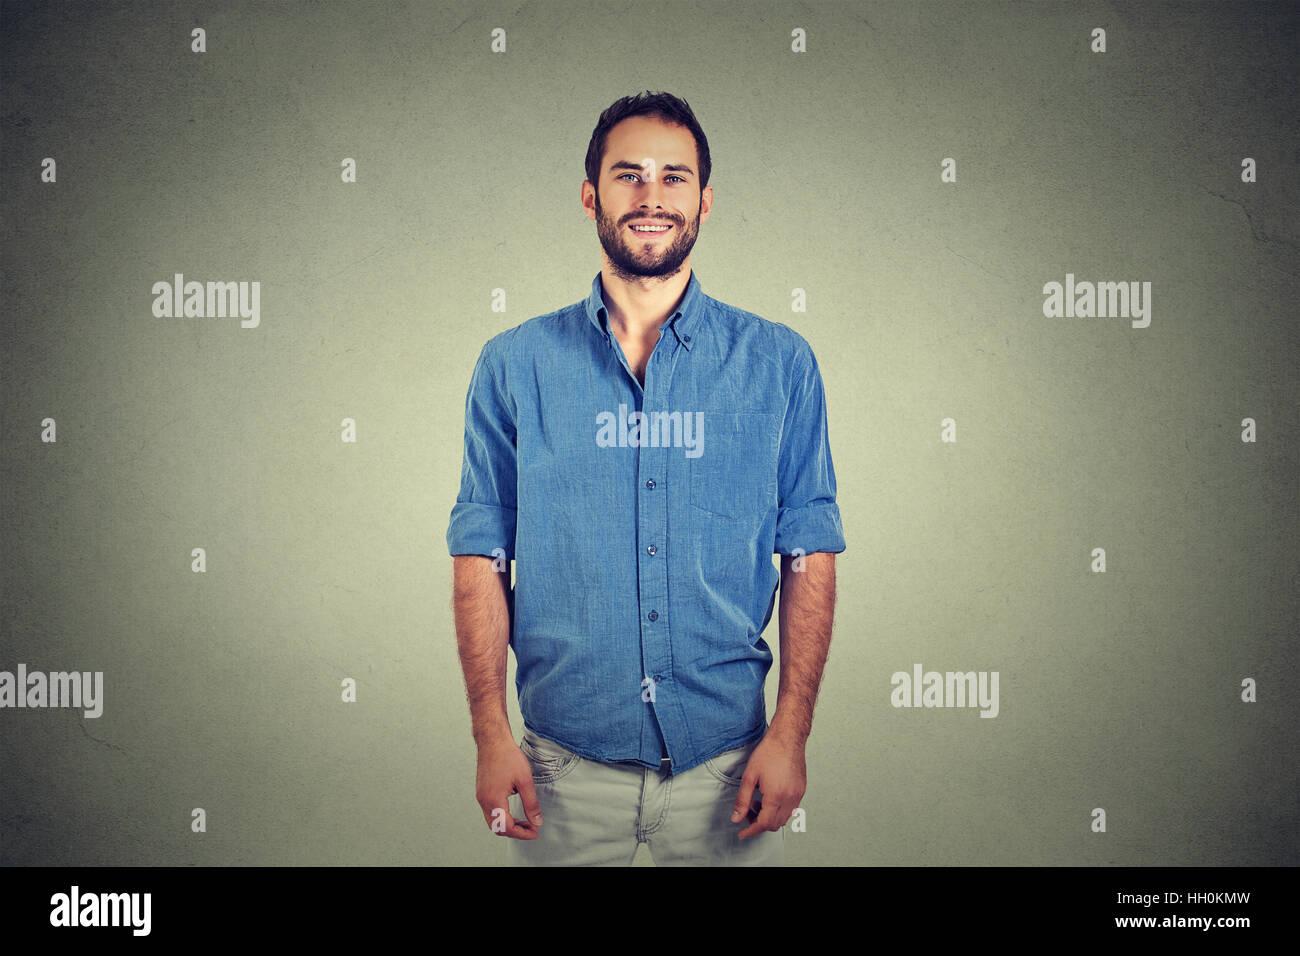 Porträt von ein hübscher junger Mann lächelnd vor grauen Wand Hintergrund isoliert Stockbild